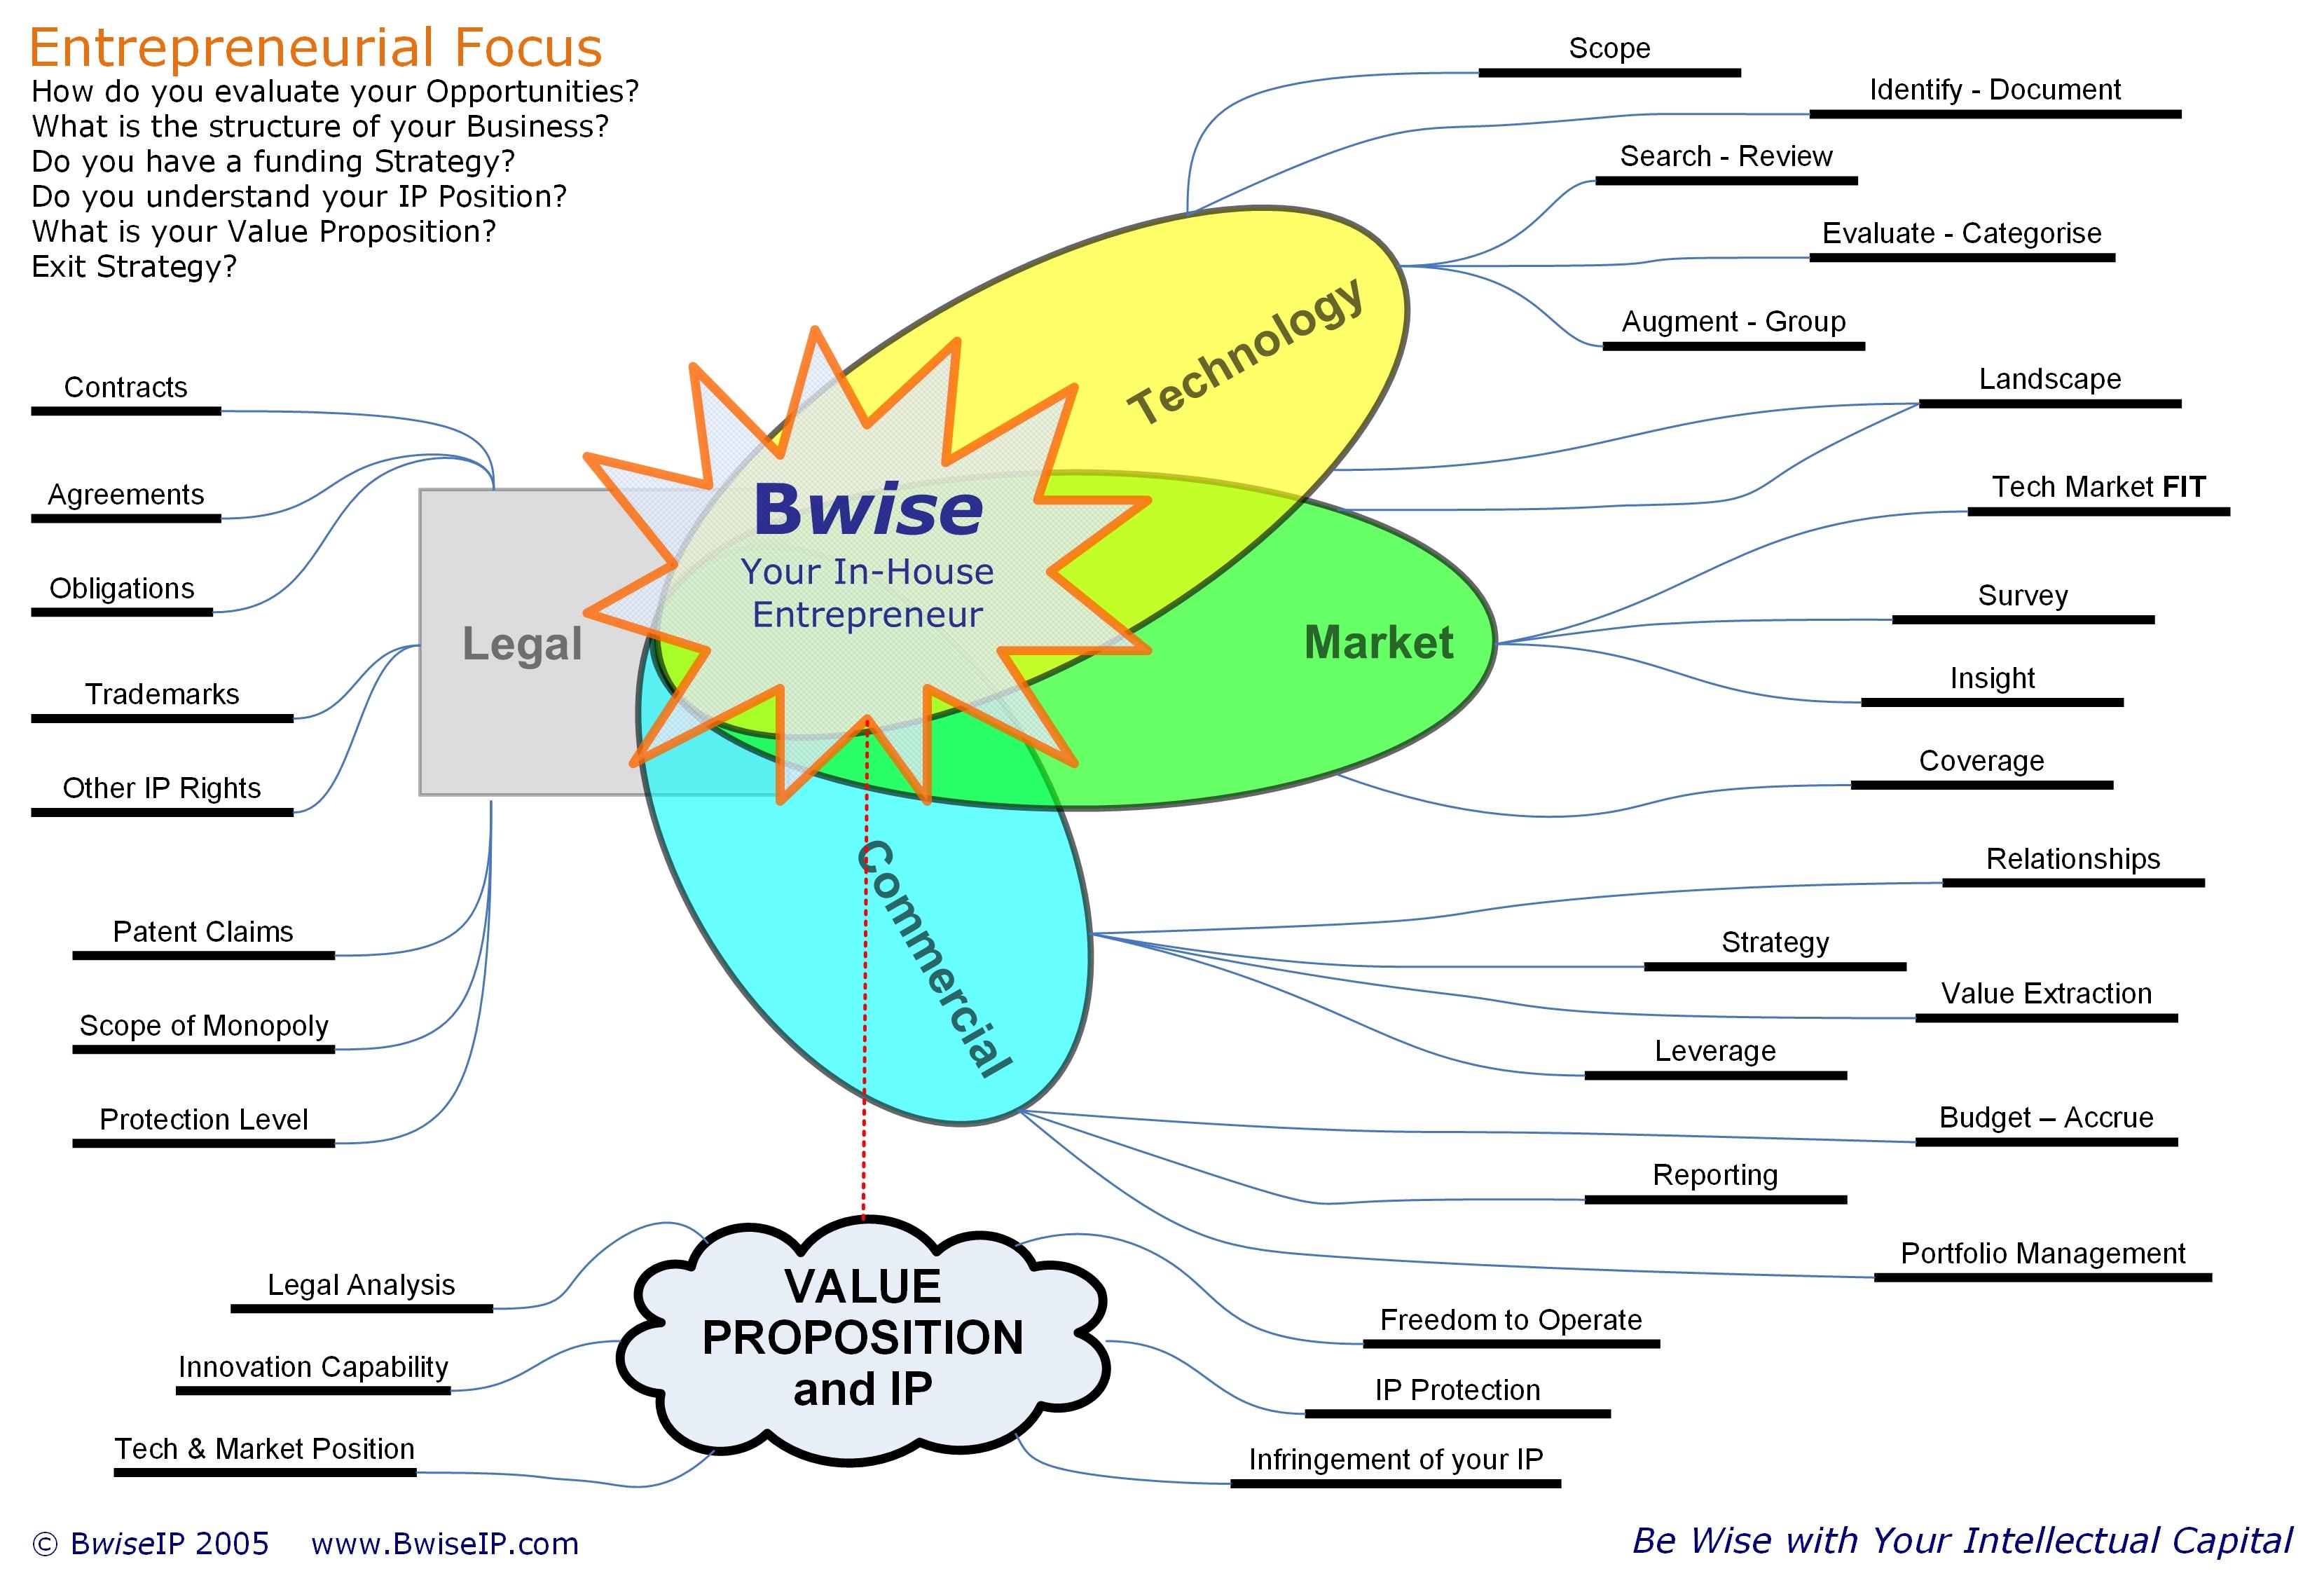 BwiseIP - IH Entrepreneur Space v10 med res